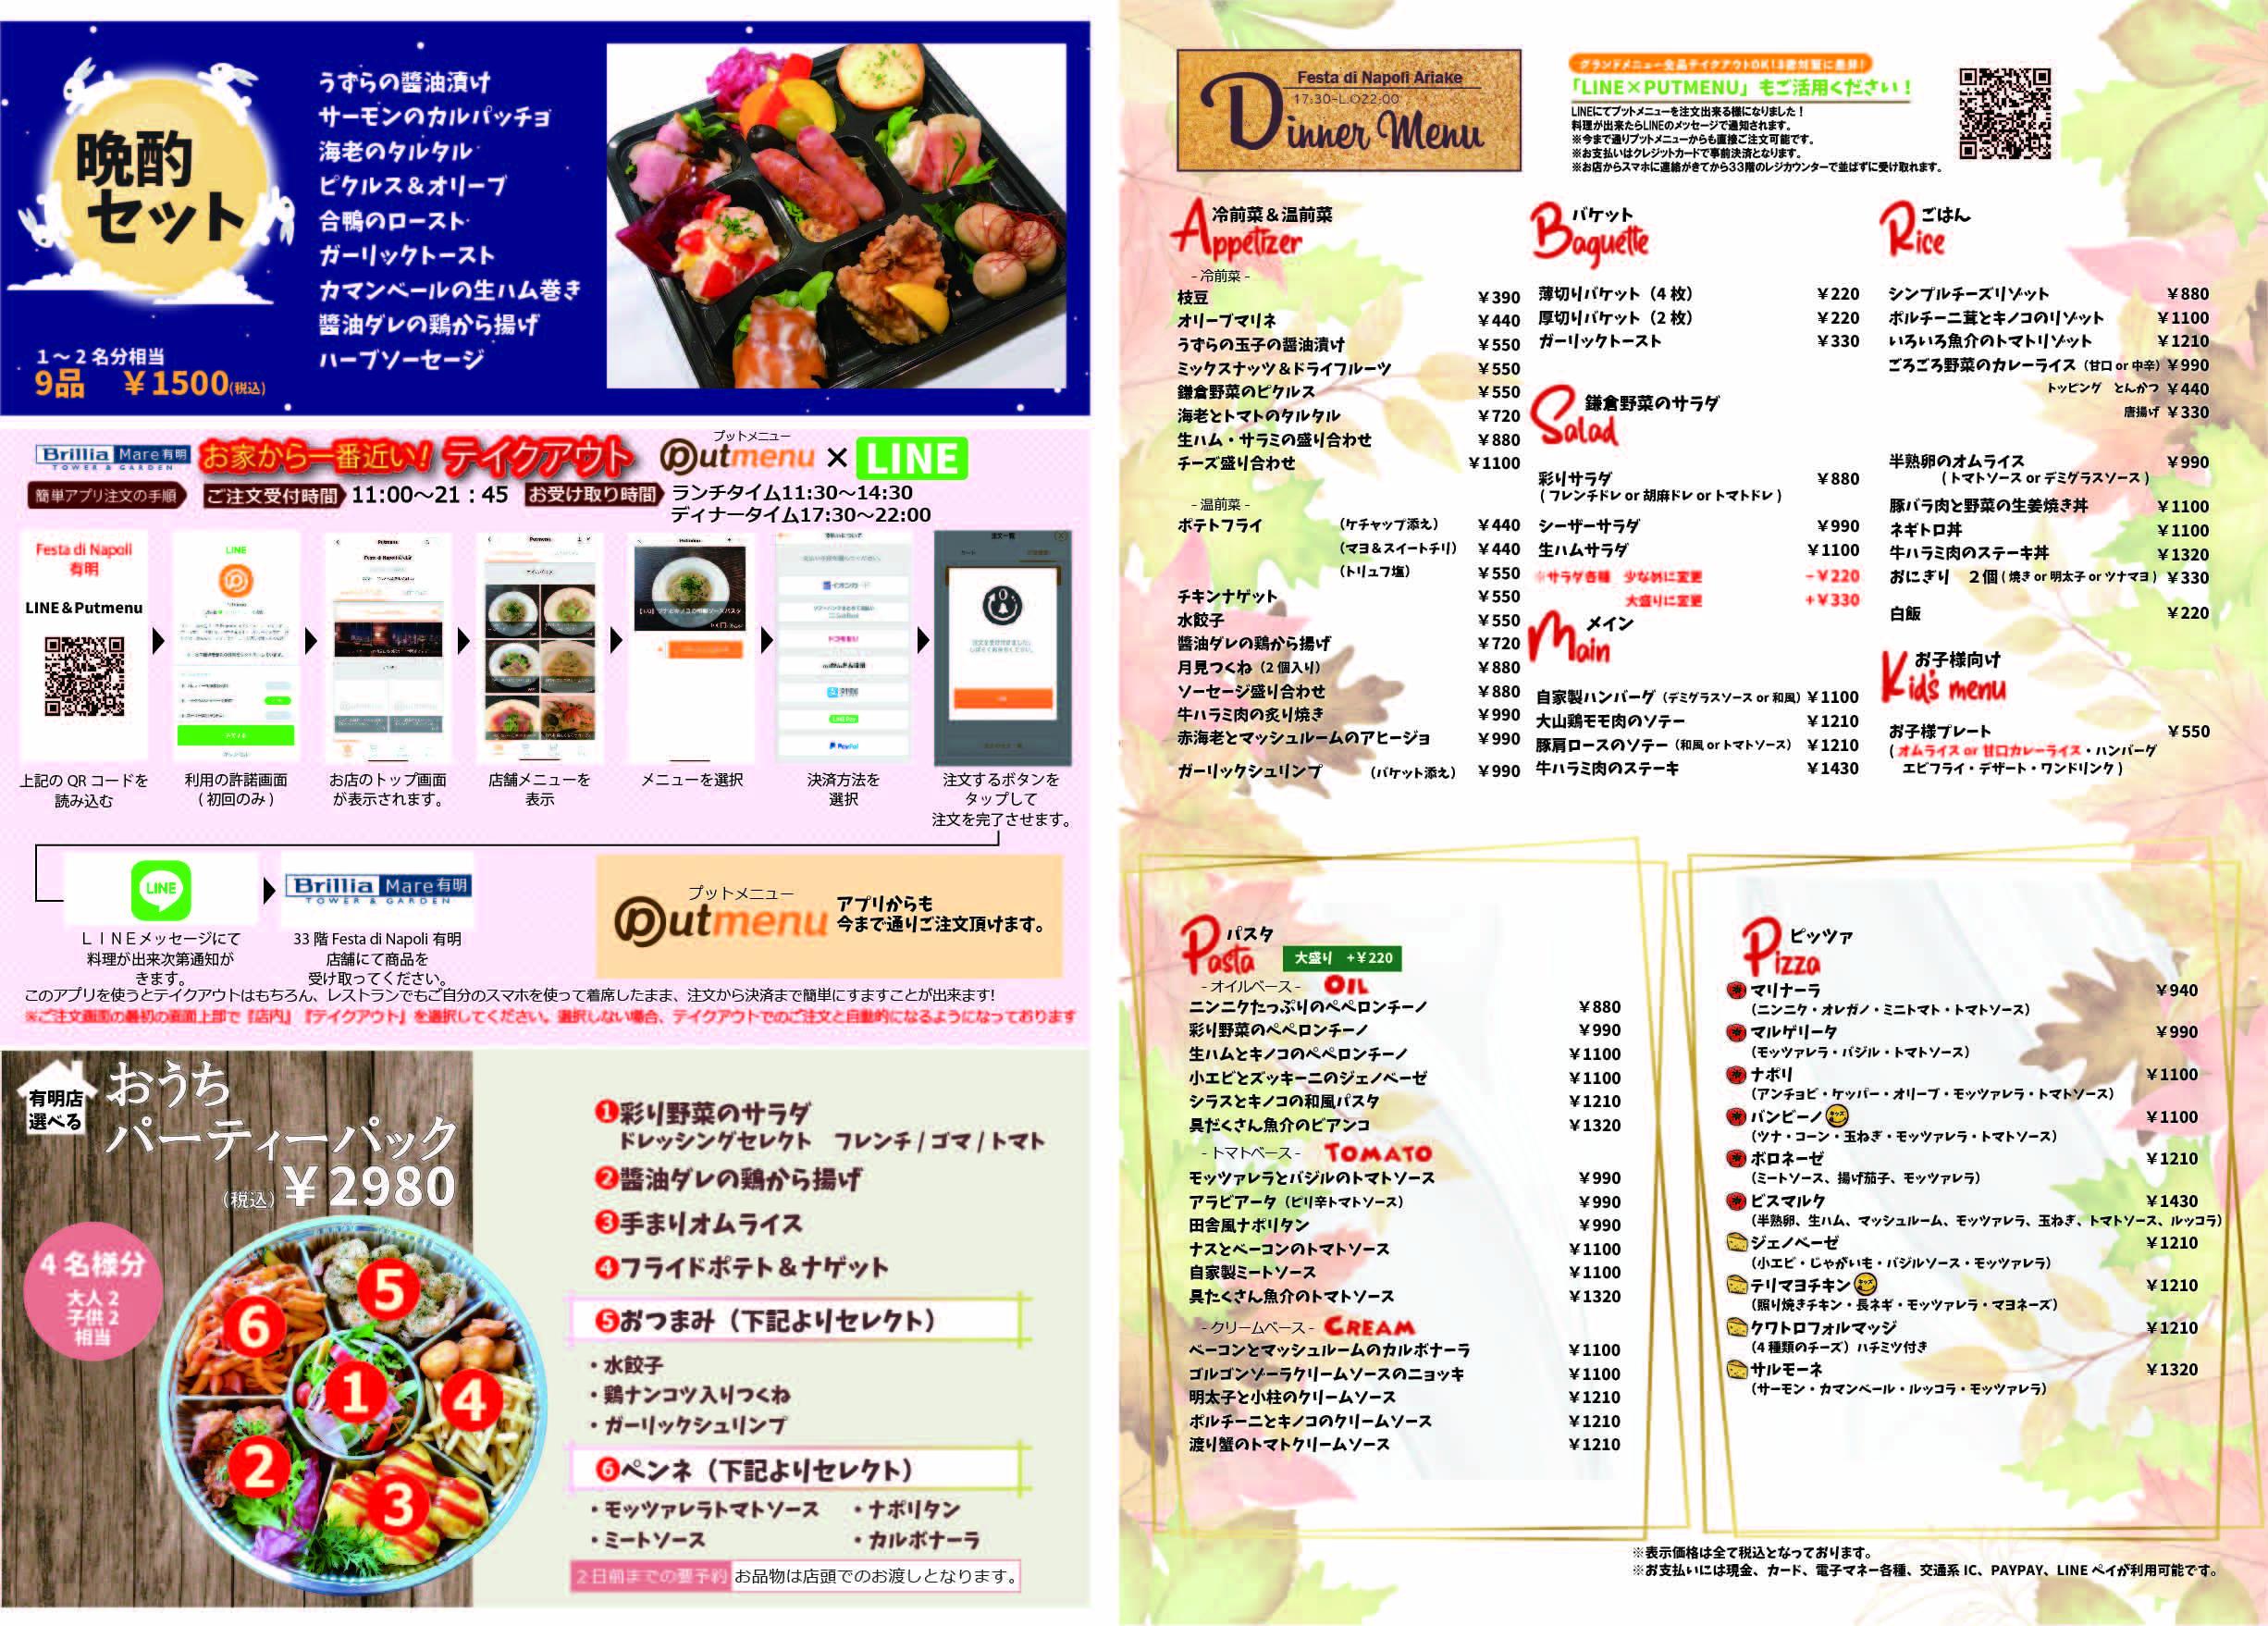 ディナー・ランチ・パーティー・キャンペーン・メニュー